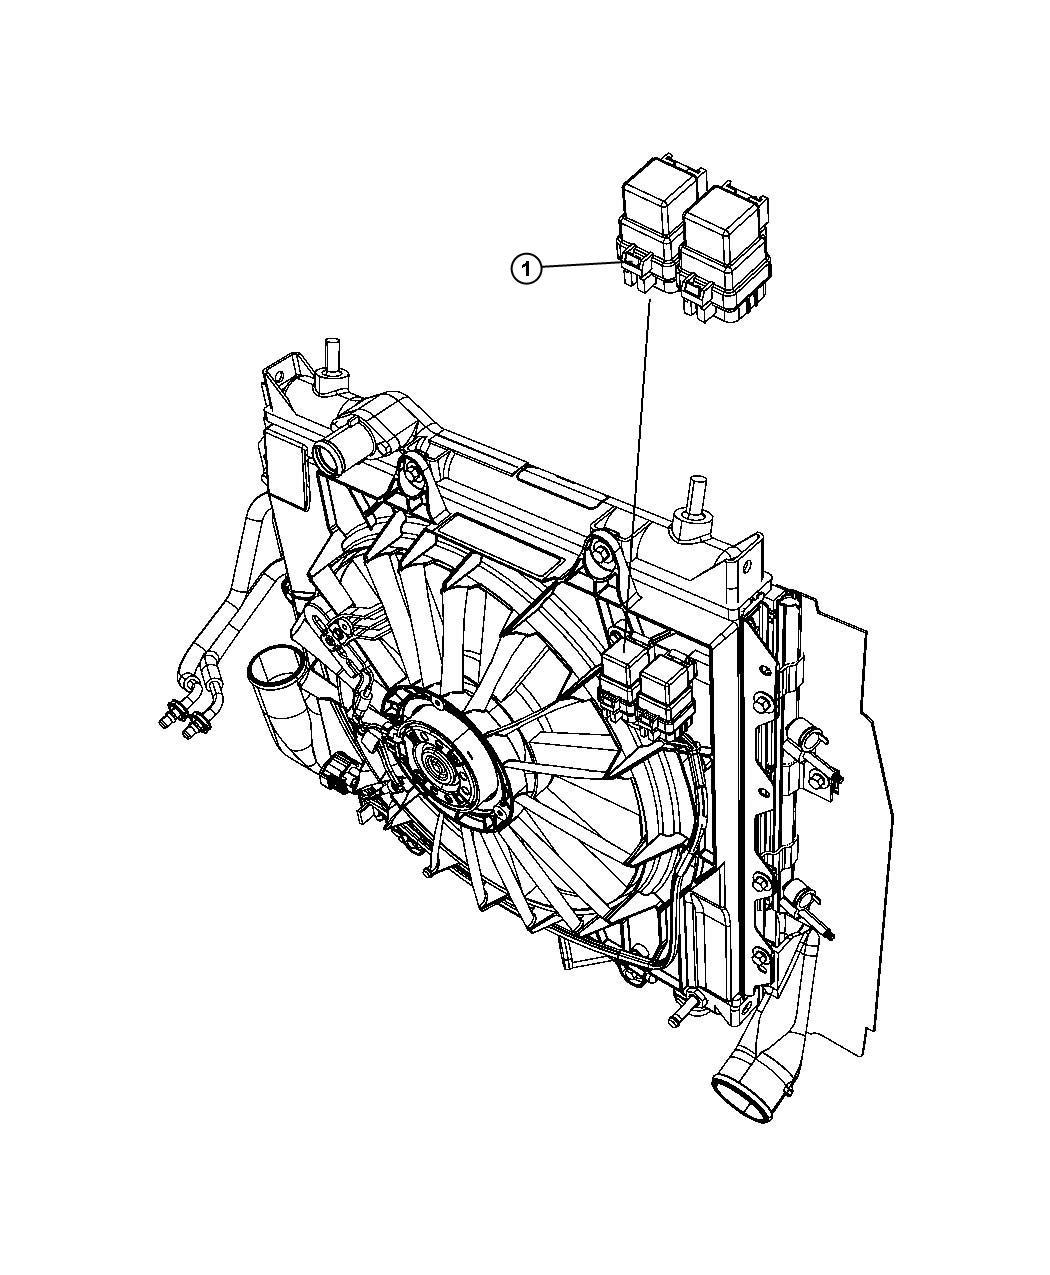 hight resolution of scintillating 2005 chrysler pt cruiser cooling fan wiring 2004 pt cruiser wiring diagram 2006 pt